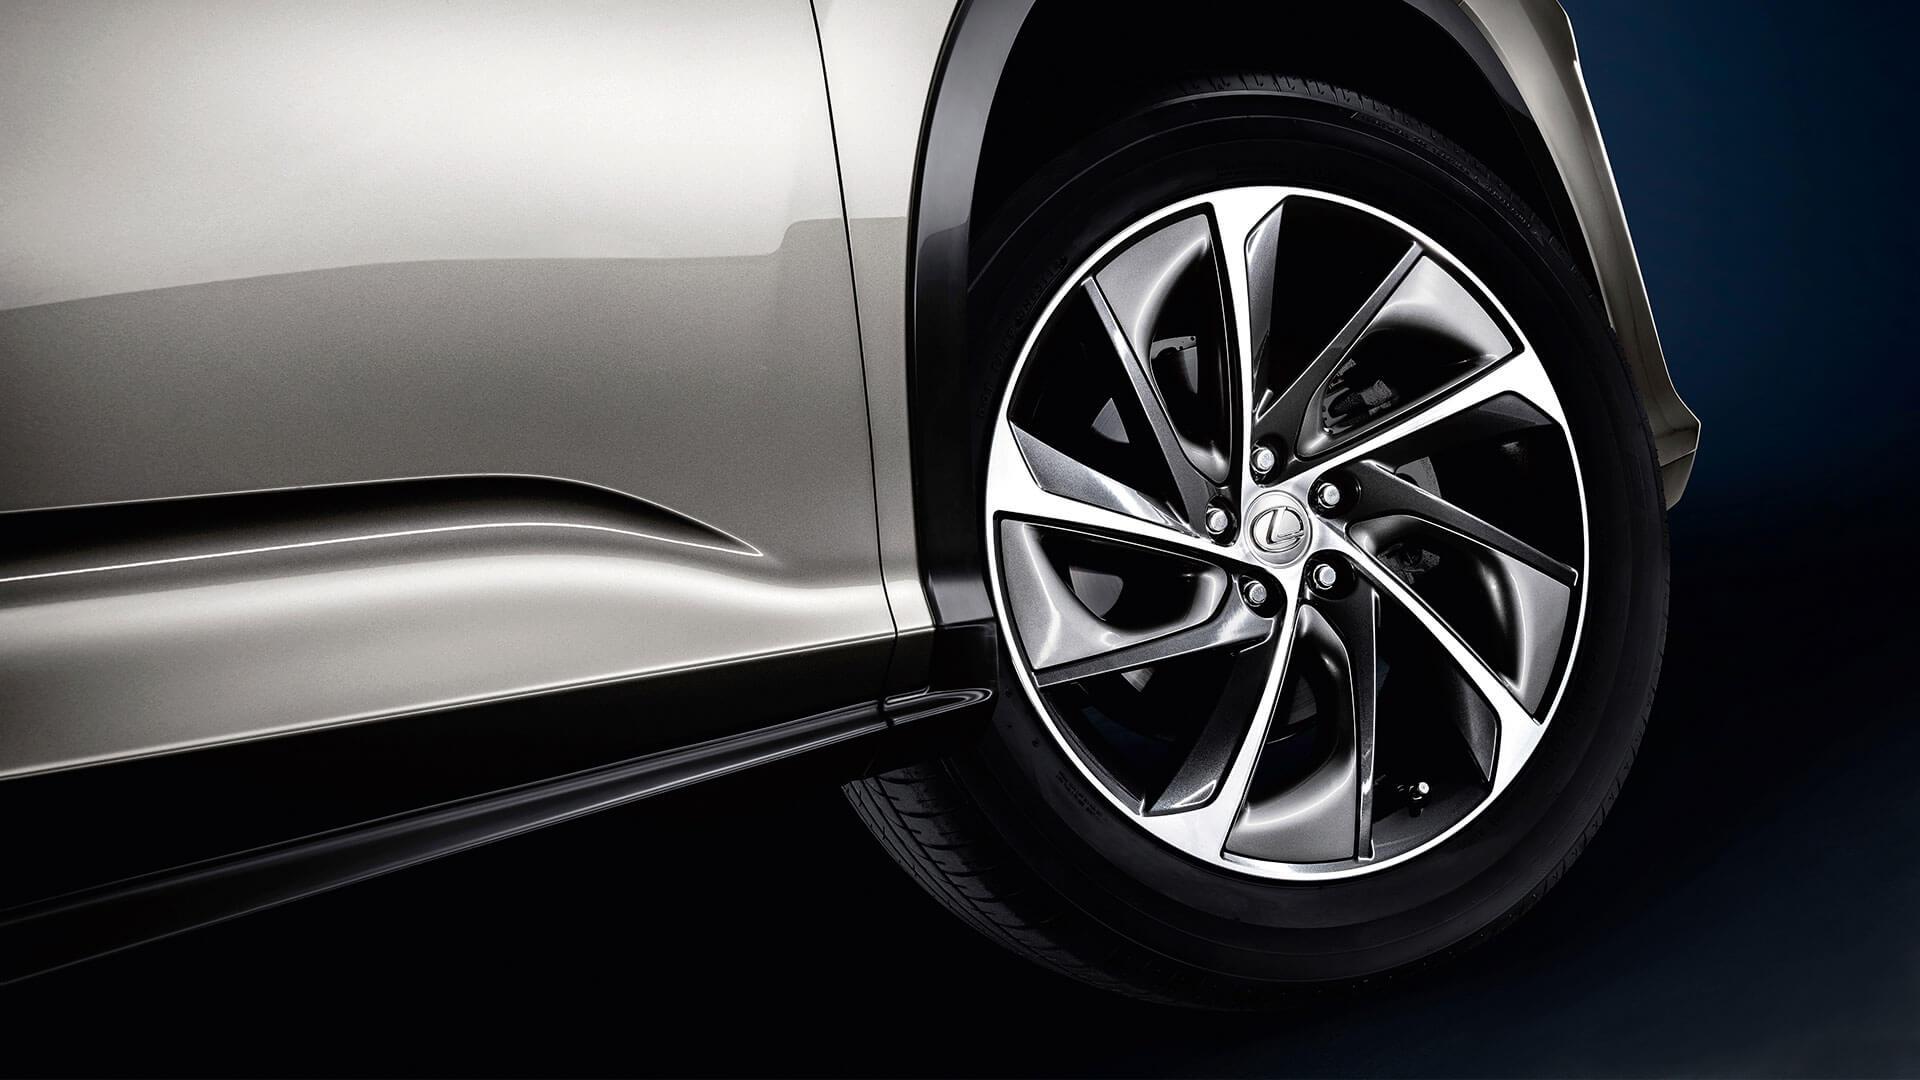 2017 lexus rx 450h features alloy wheels